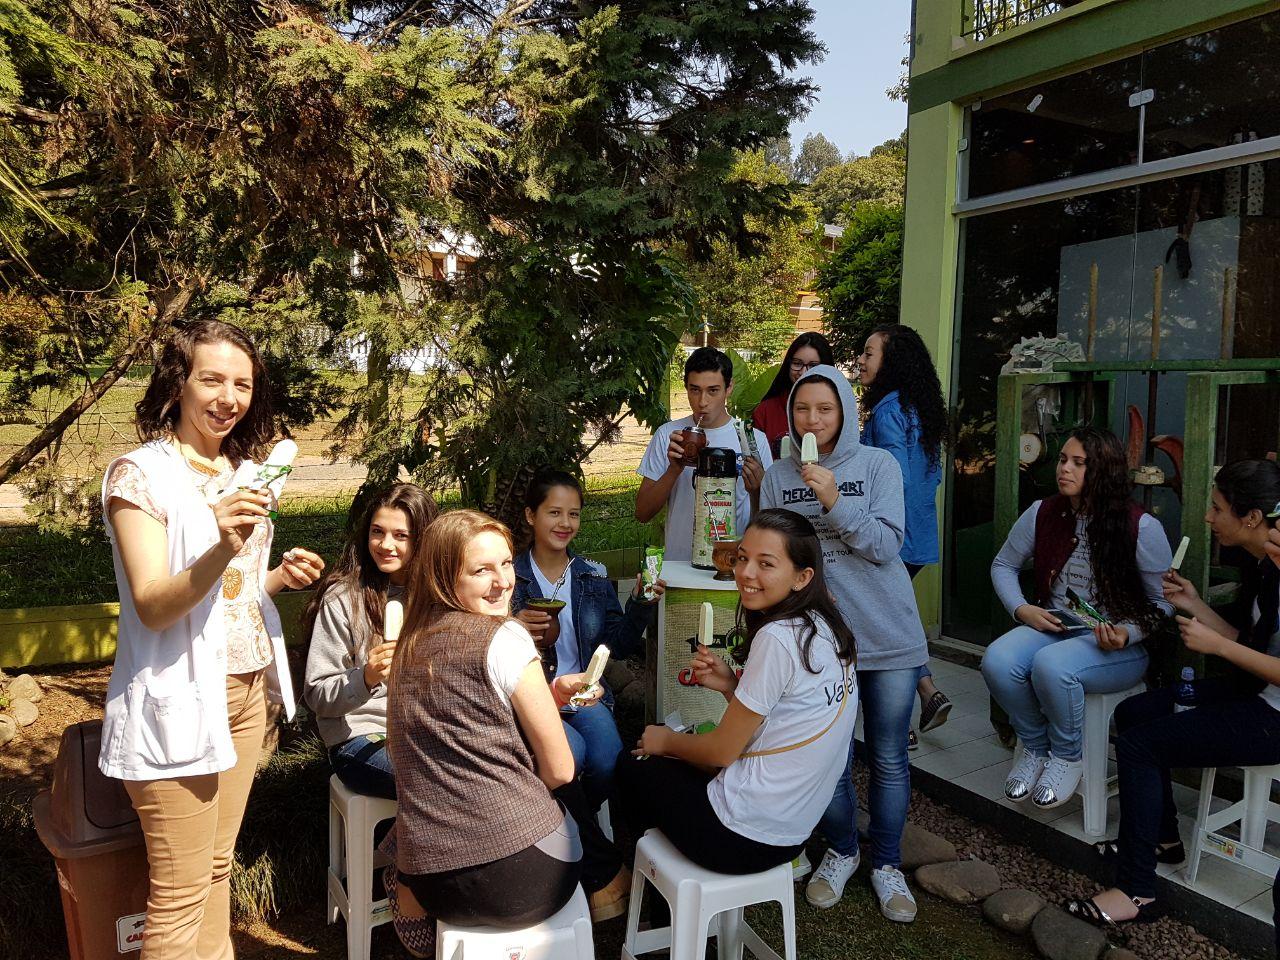 Professora e alunos degustando chimarrão e picolé de erva mate Canoinhas. hummm....